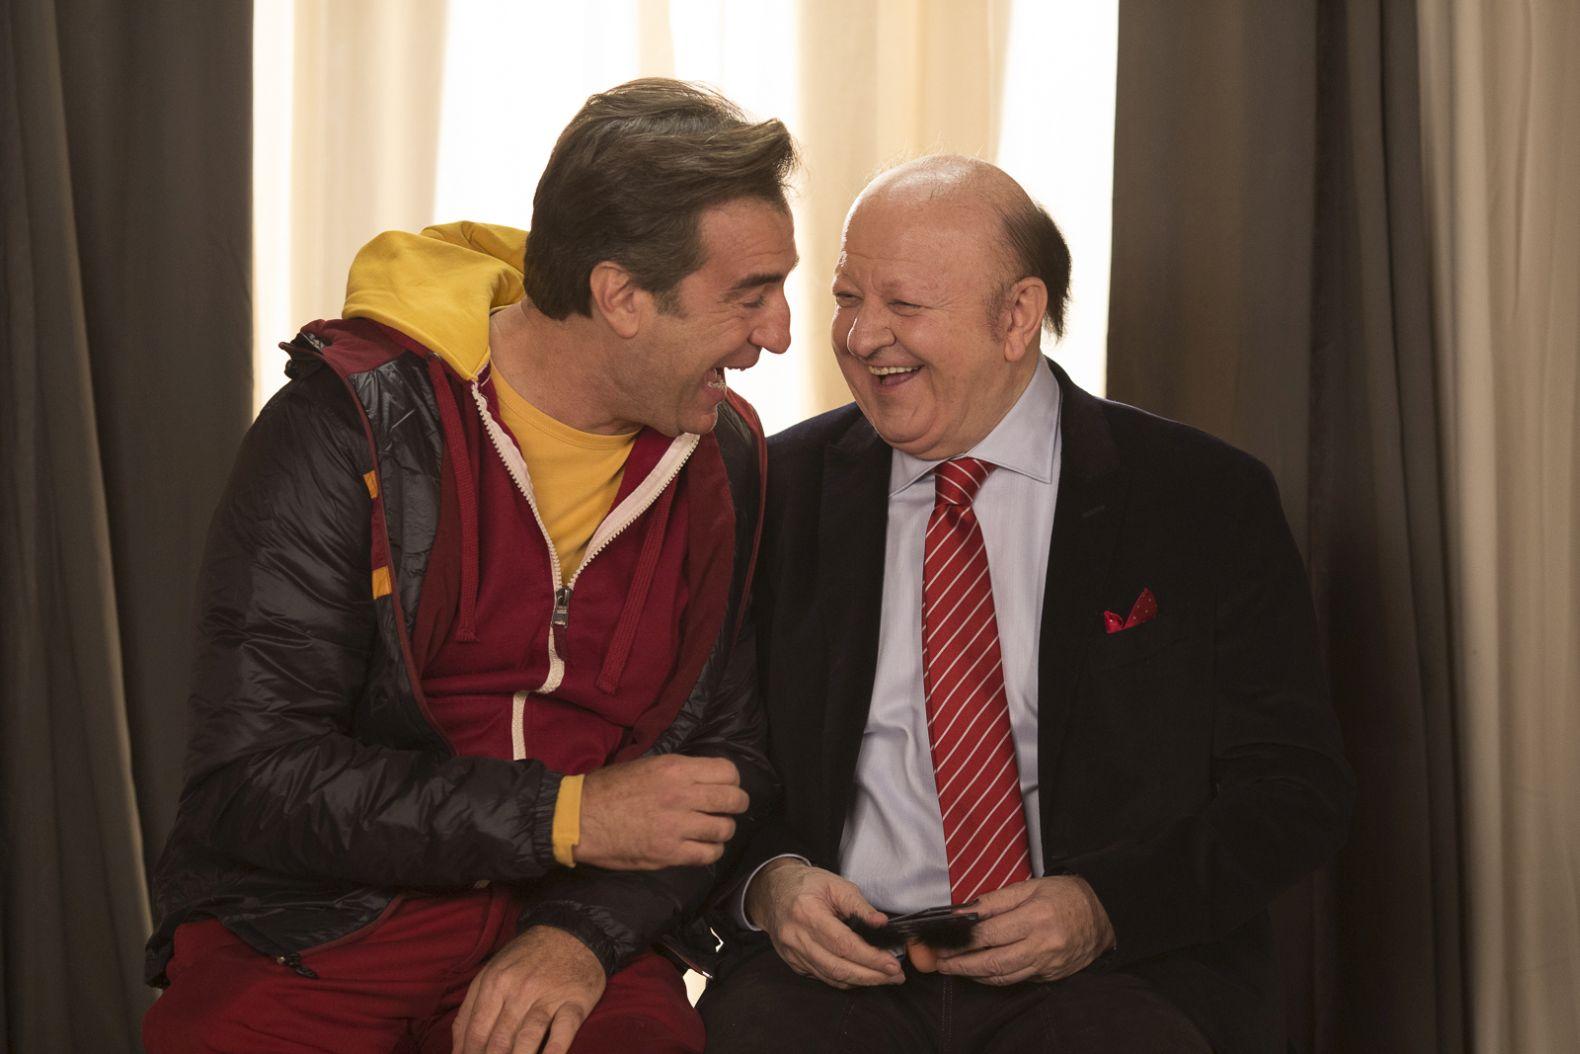 La coppia dei campioni: Max Tortora e Massimo Boldi divertiti in una scena del film